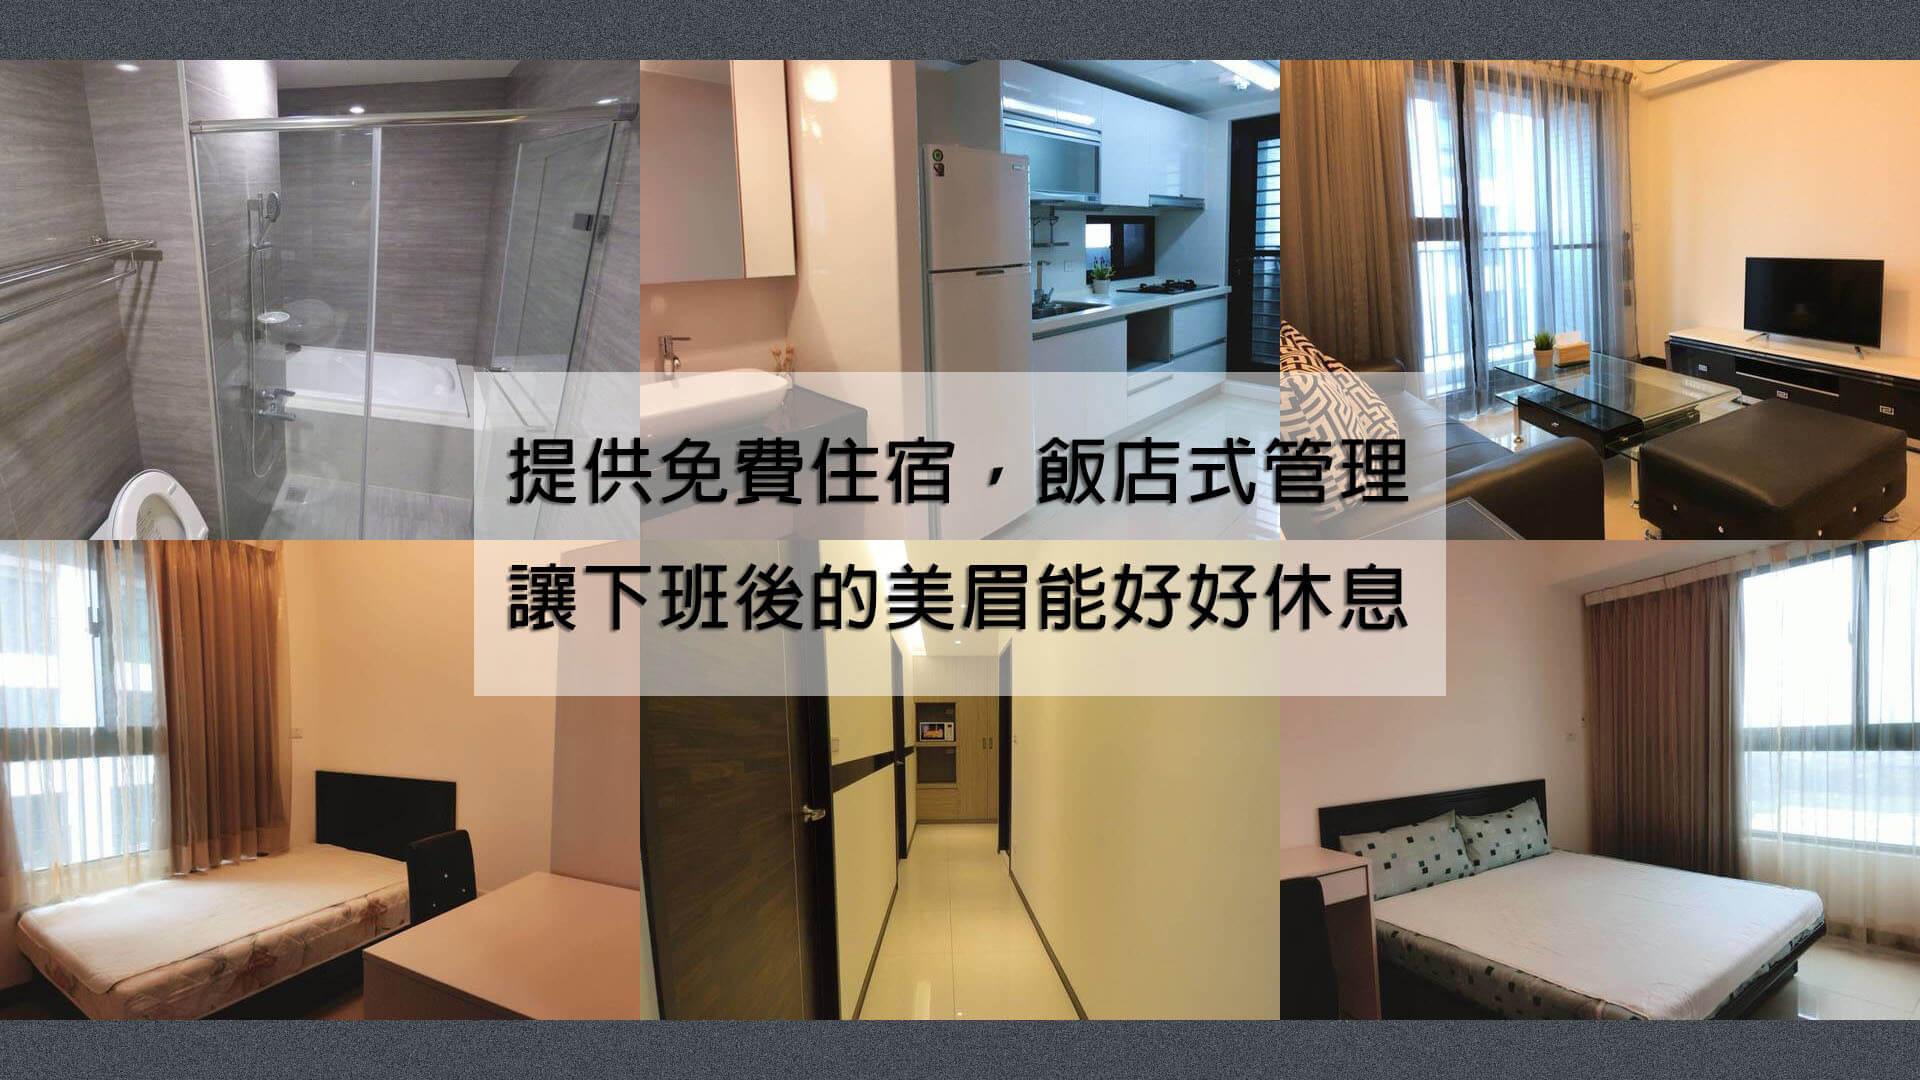 高雄酒店上班輕松幫您短期還清負債、改善生活品質、快速累積財富來完成夢想與目標。